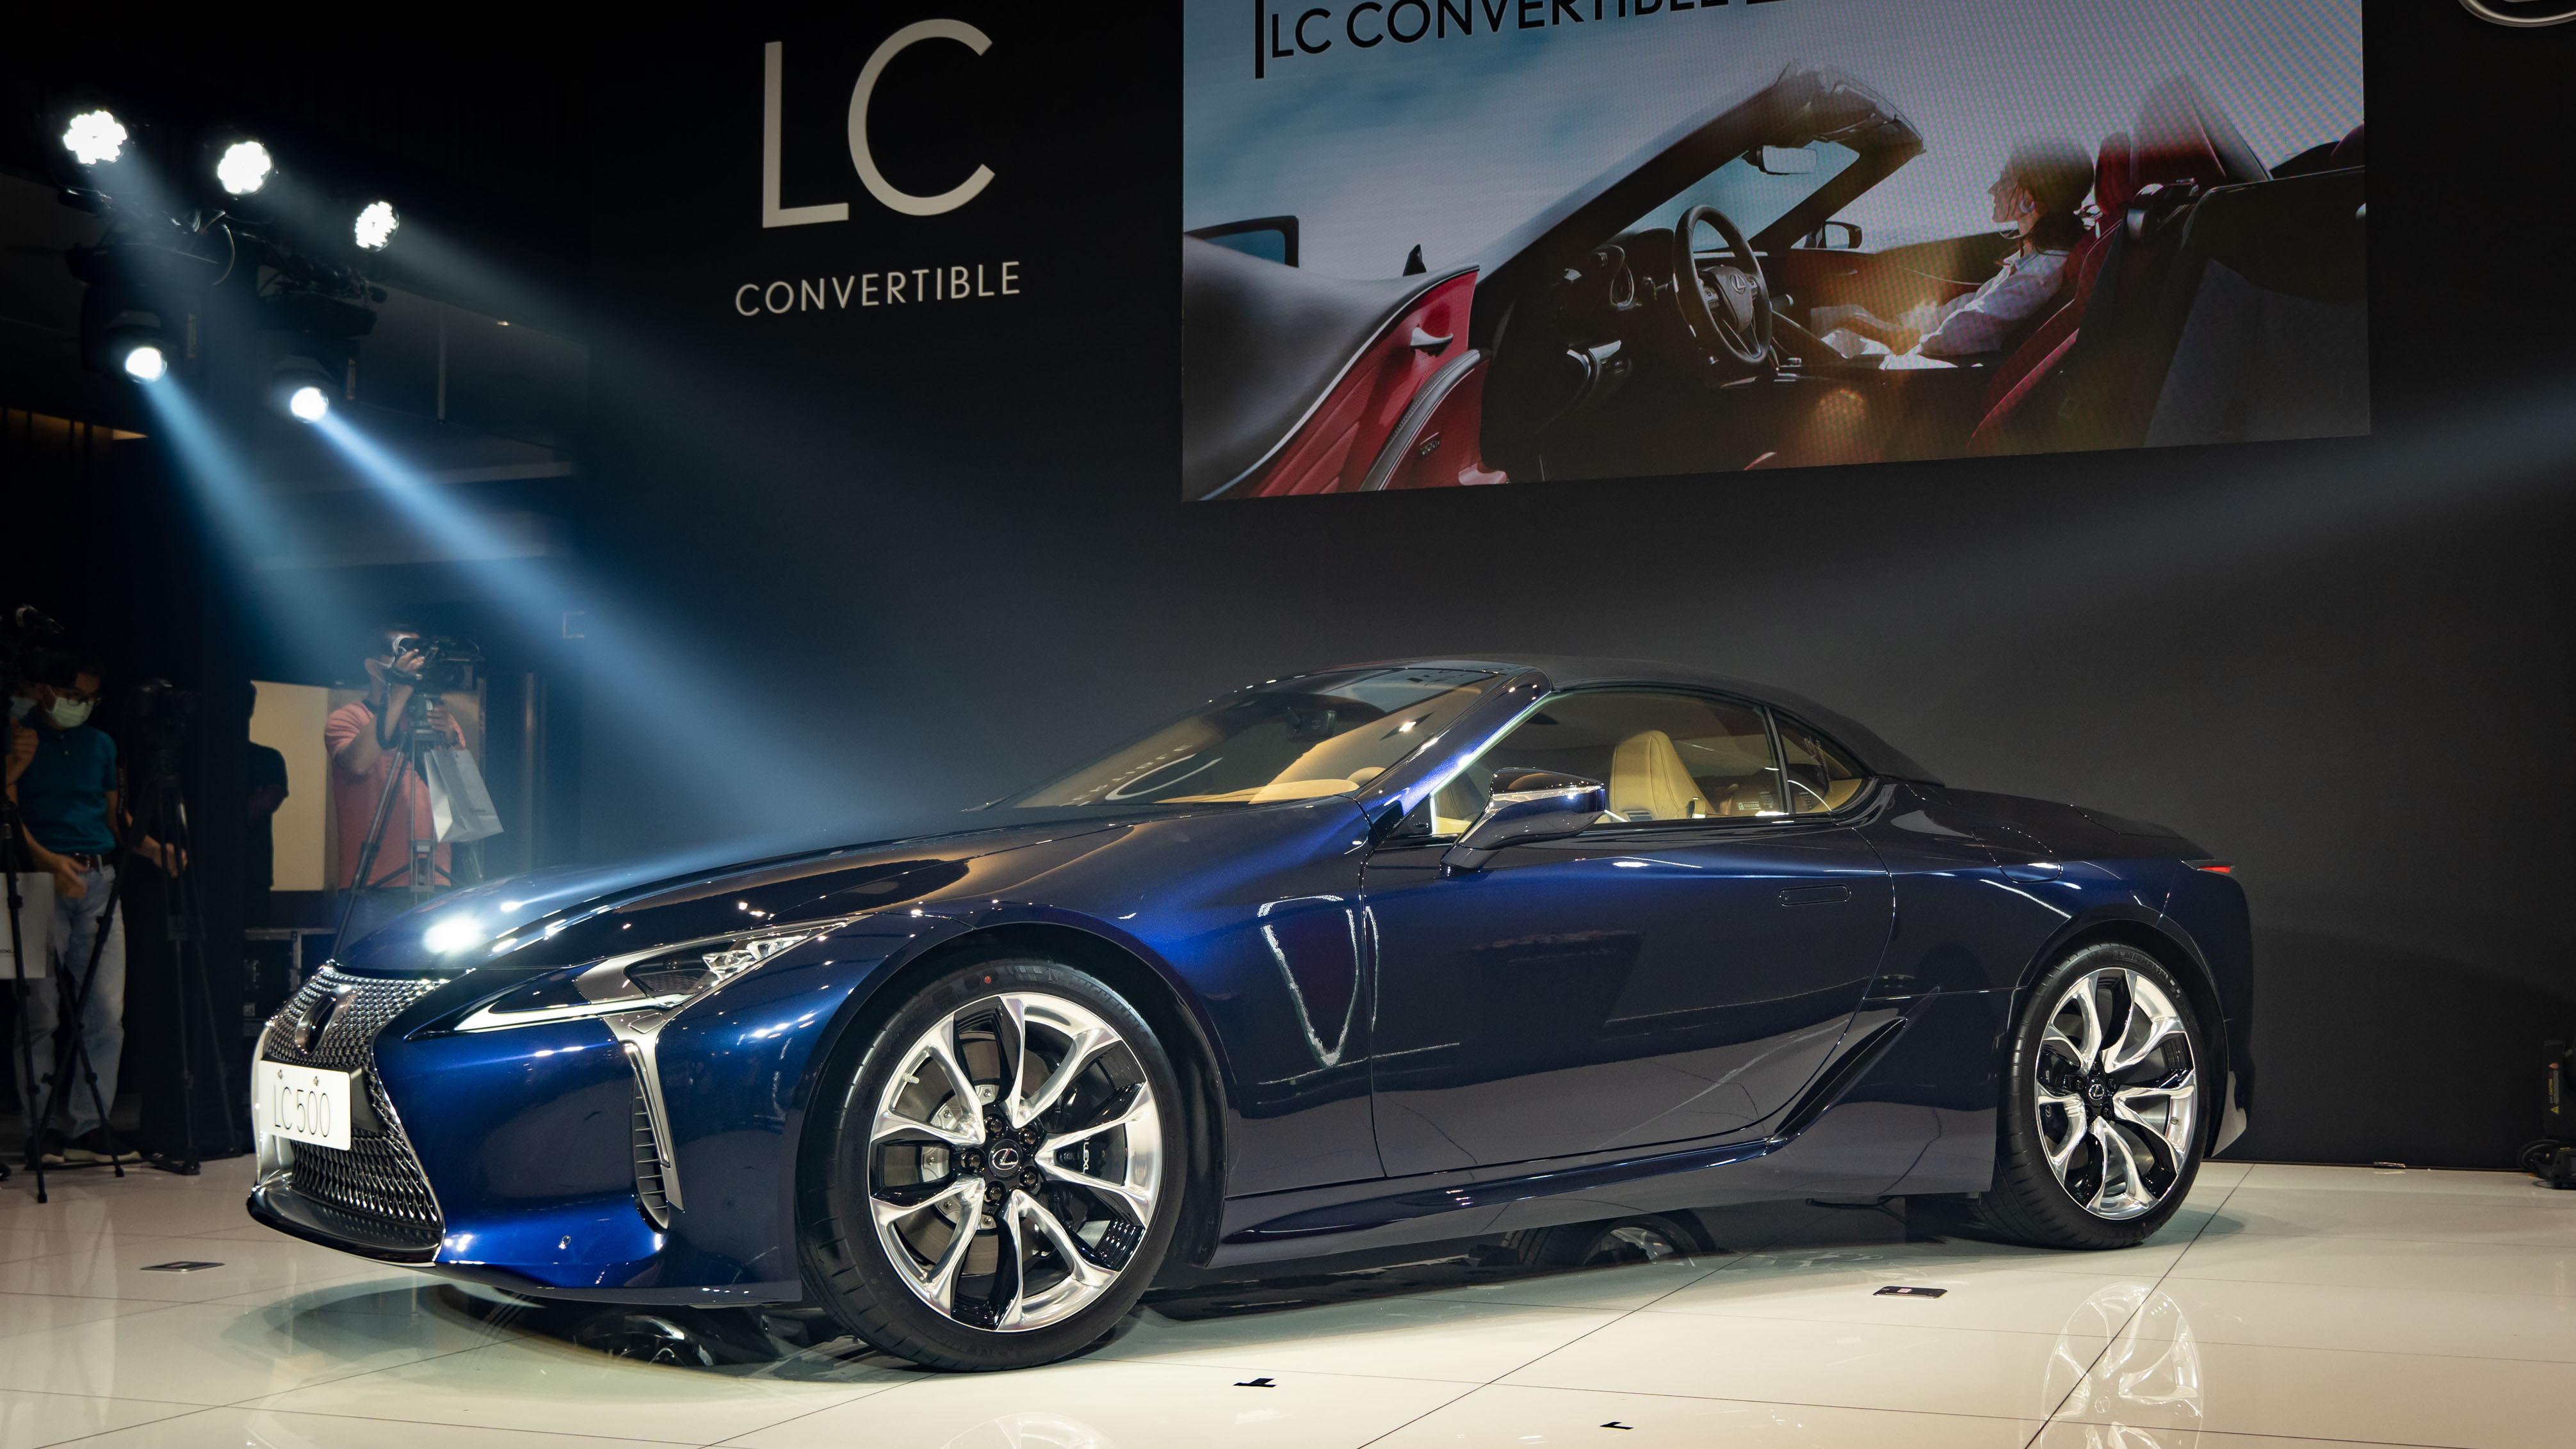 Lexus LC Convertible 敞篷 GT 588 萬起正式登場 - Yahoo奇摩汽車機車